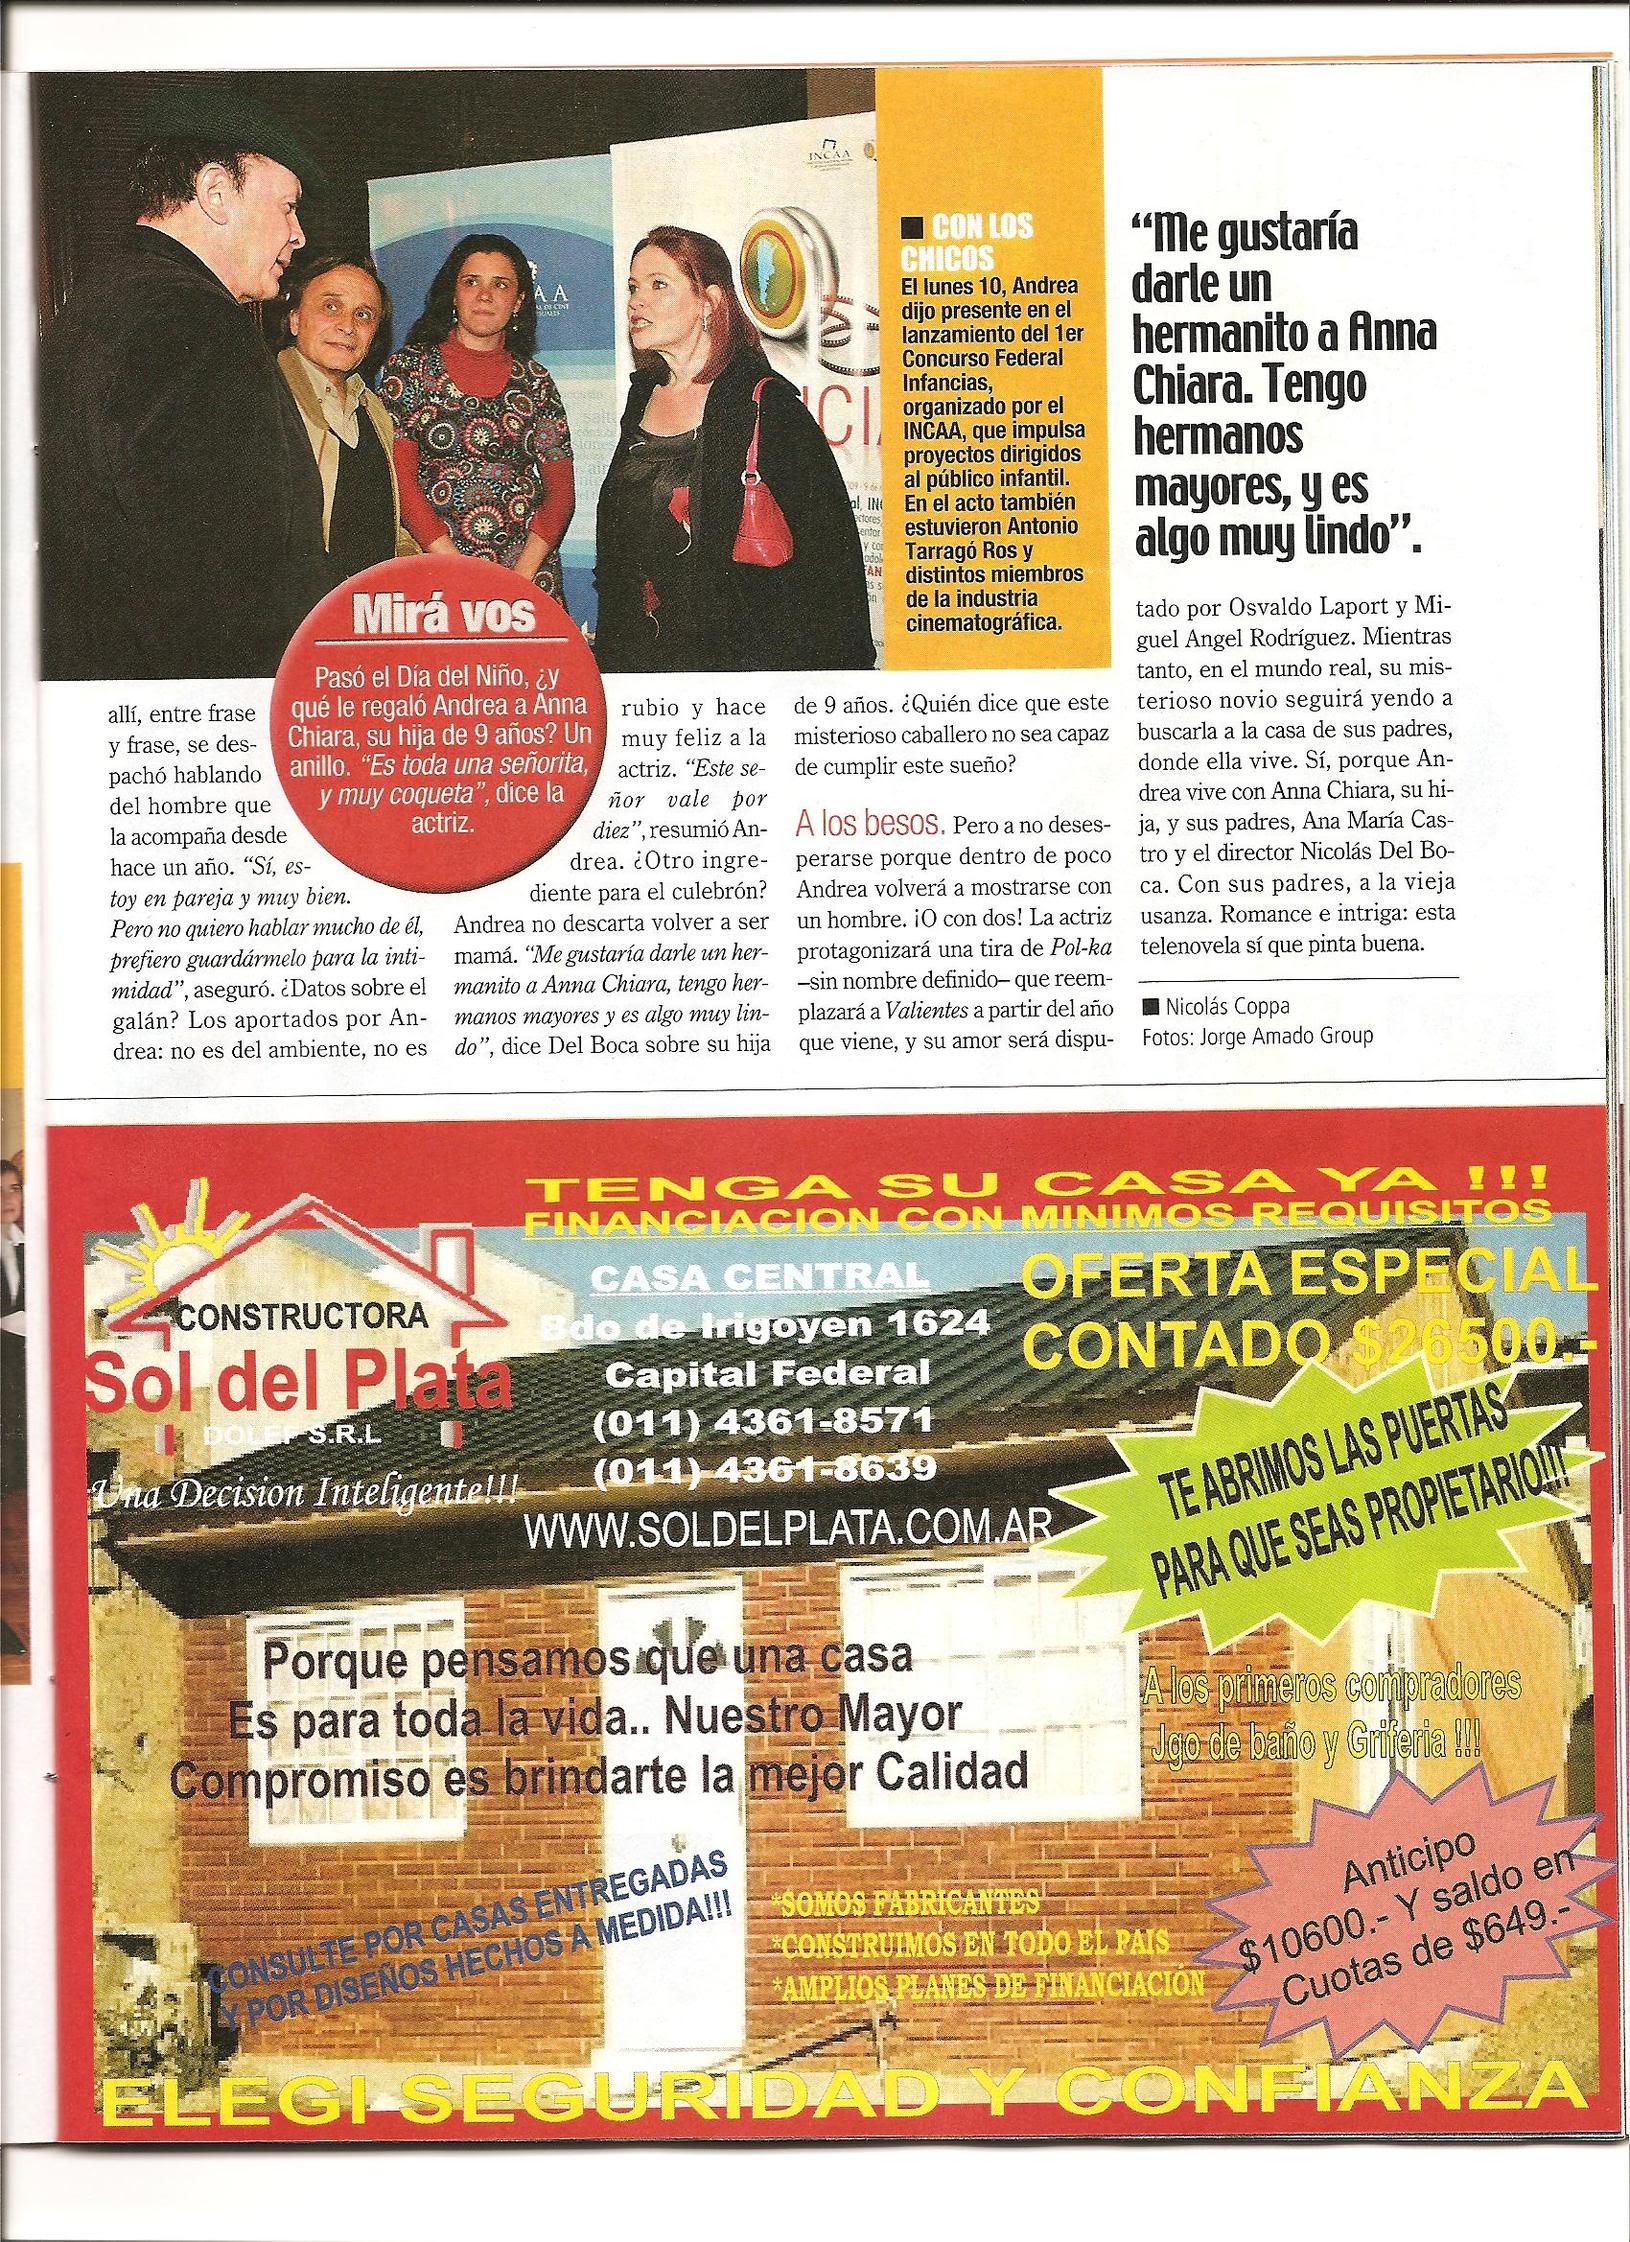 Andrea en revistas (agosto 2009) Imagen007